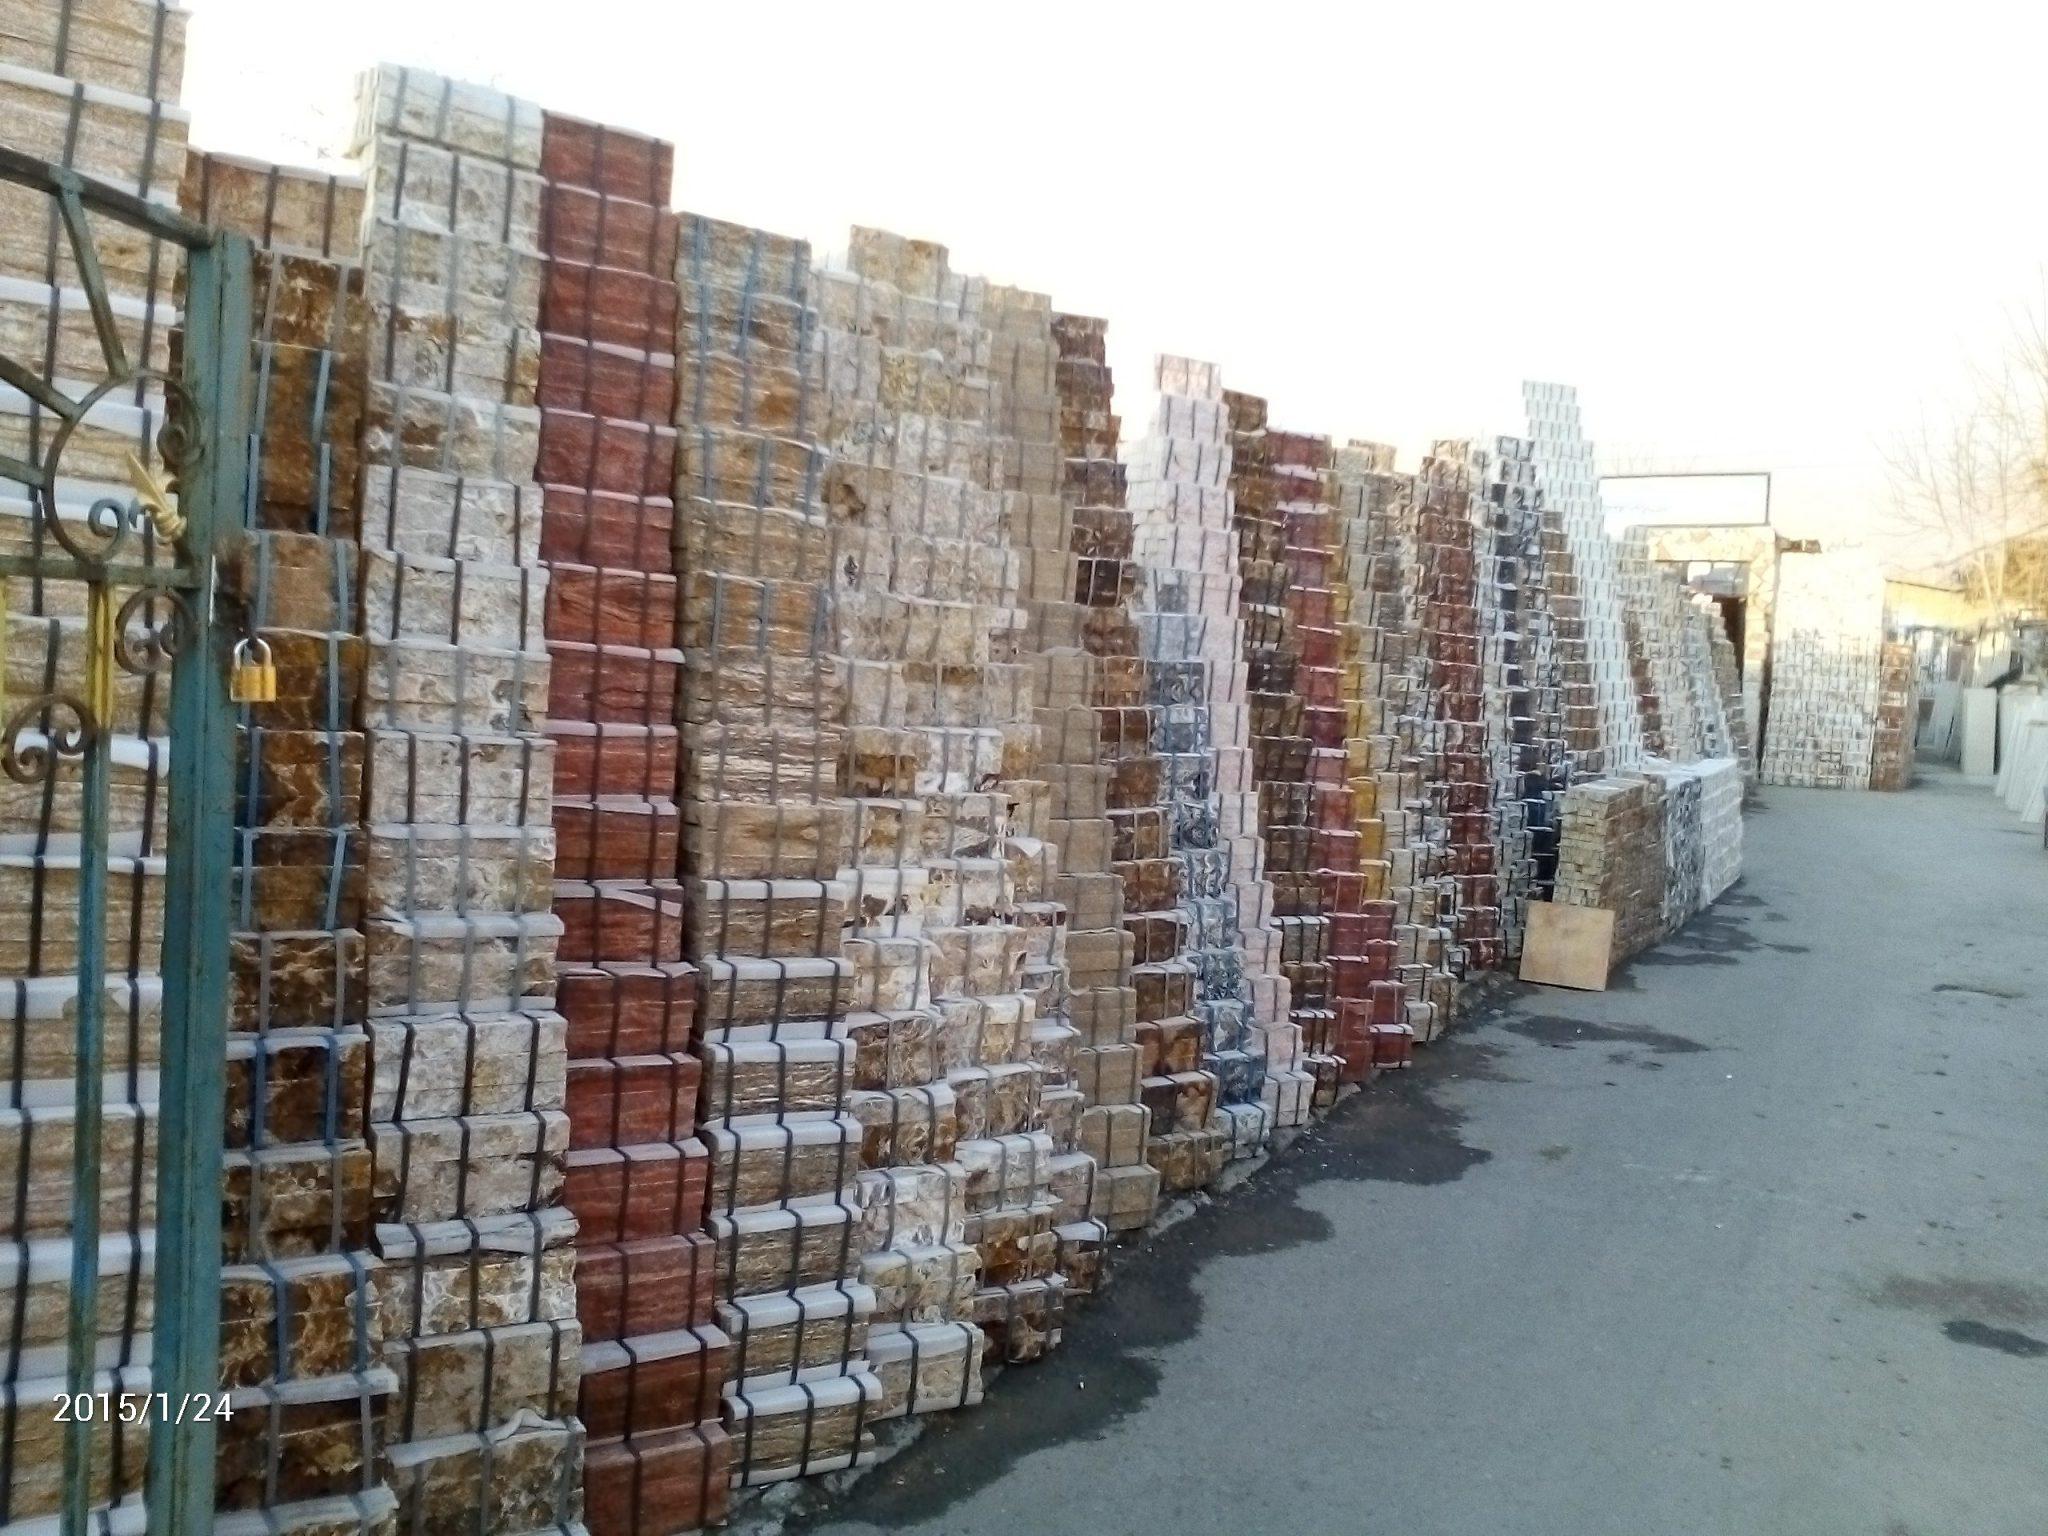 انواع سنگ آنتیک طبیعی و مصنوعی استوارسازان